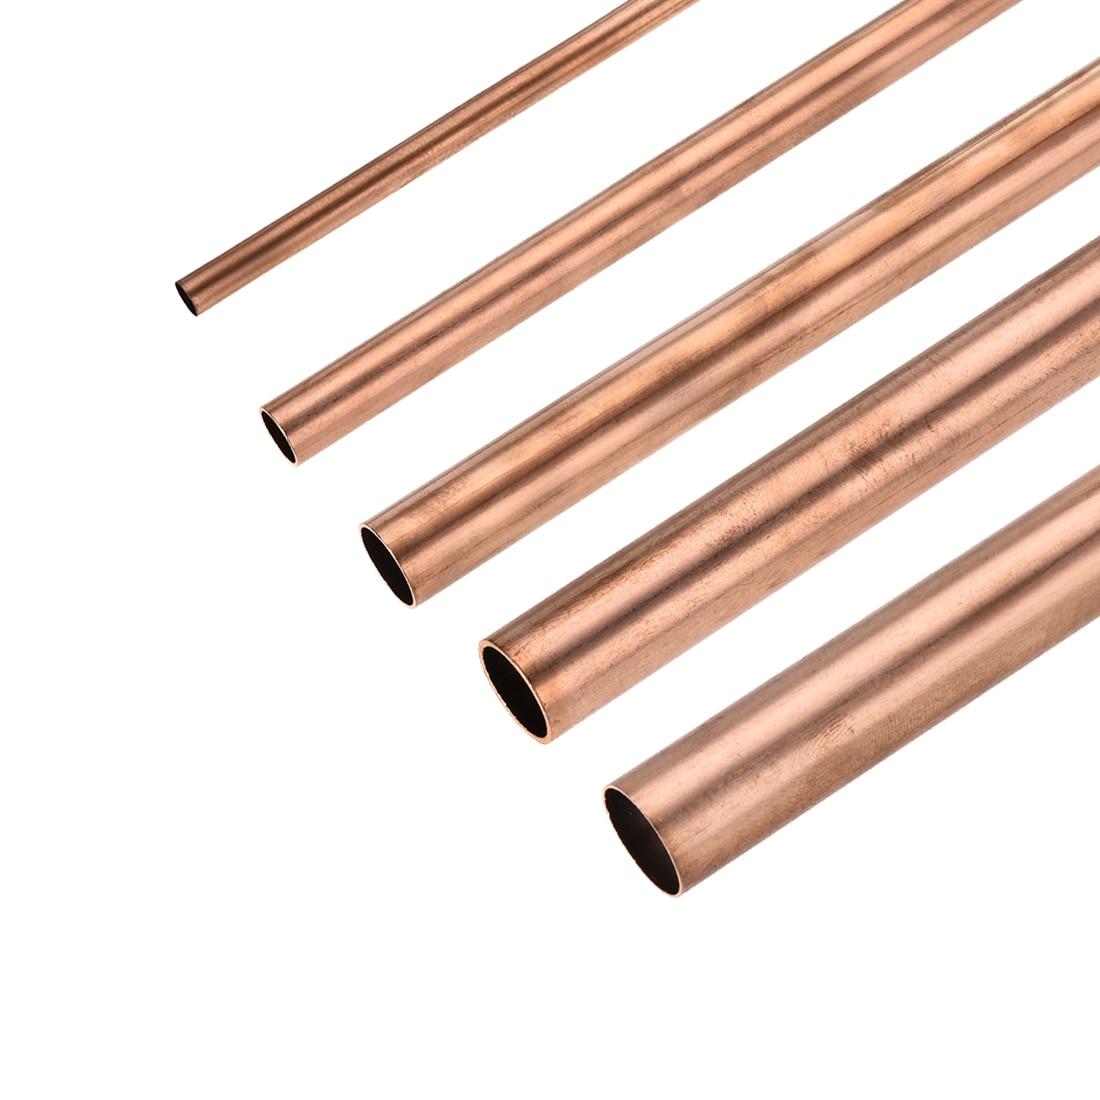 uxcell-1-шт-медная-круглая-трубка-8-мм-30-мм-od-100-мм-200-мм-300-мм-Длина-полые-прямые-трубки-для-рукоделия-промышленные